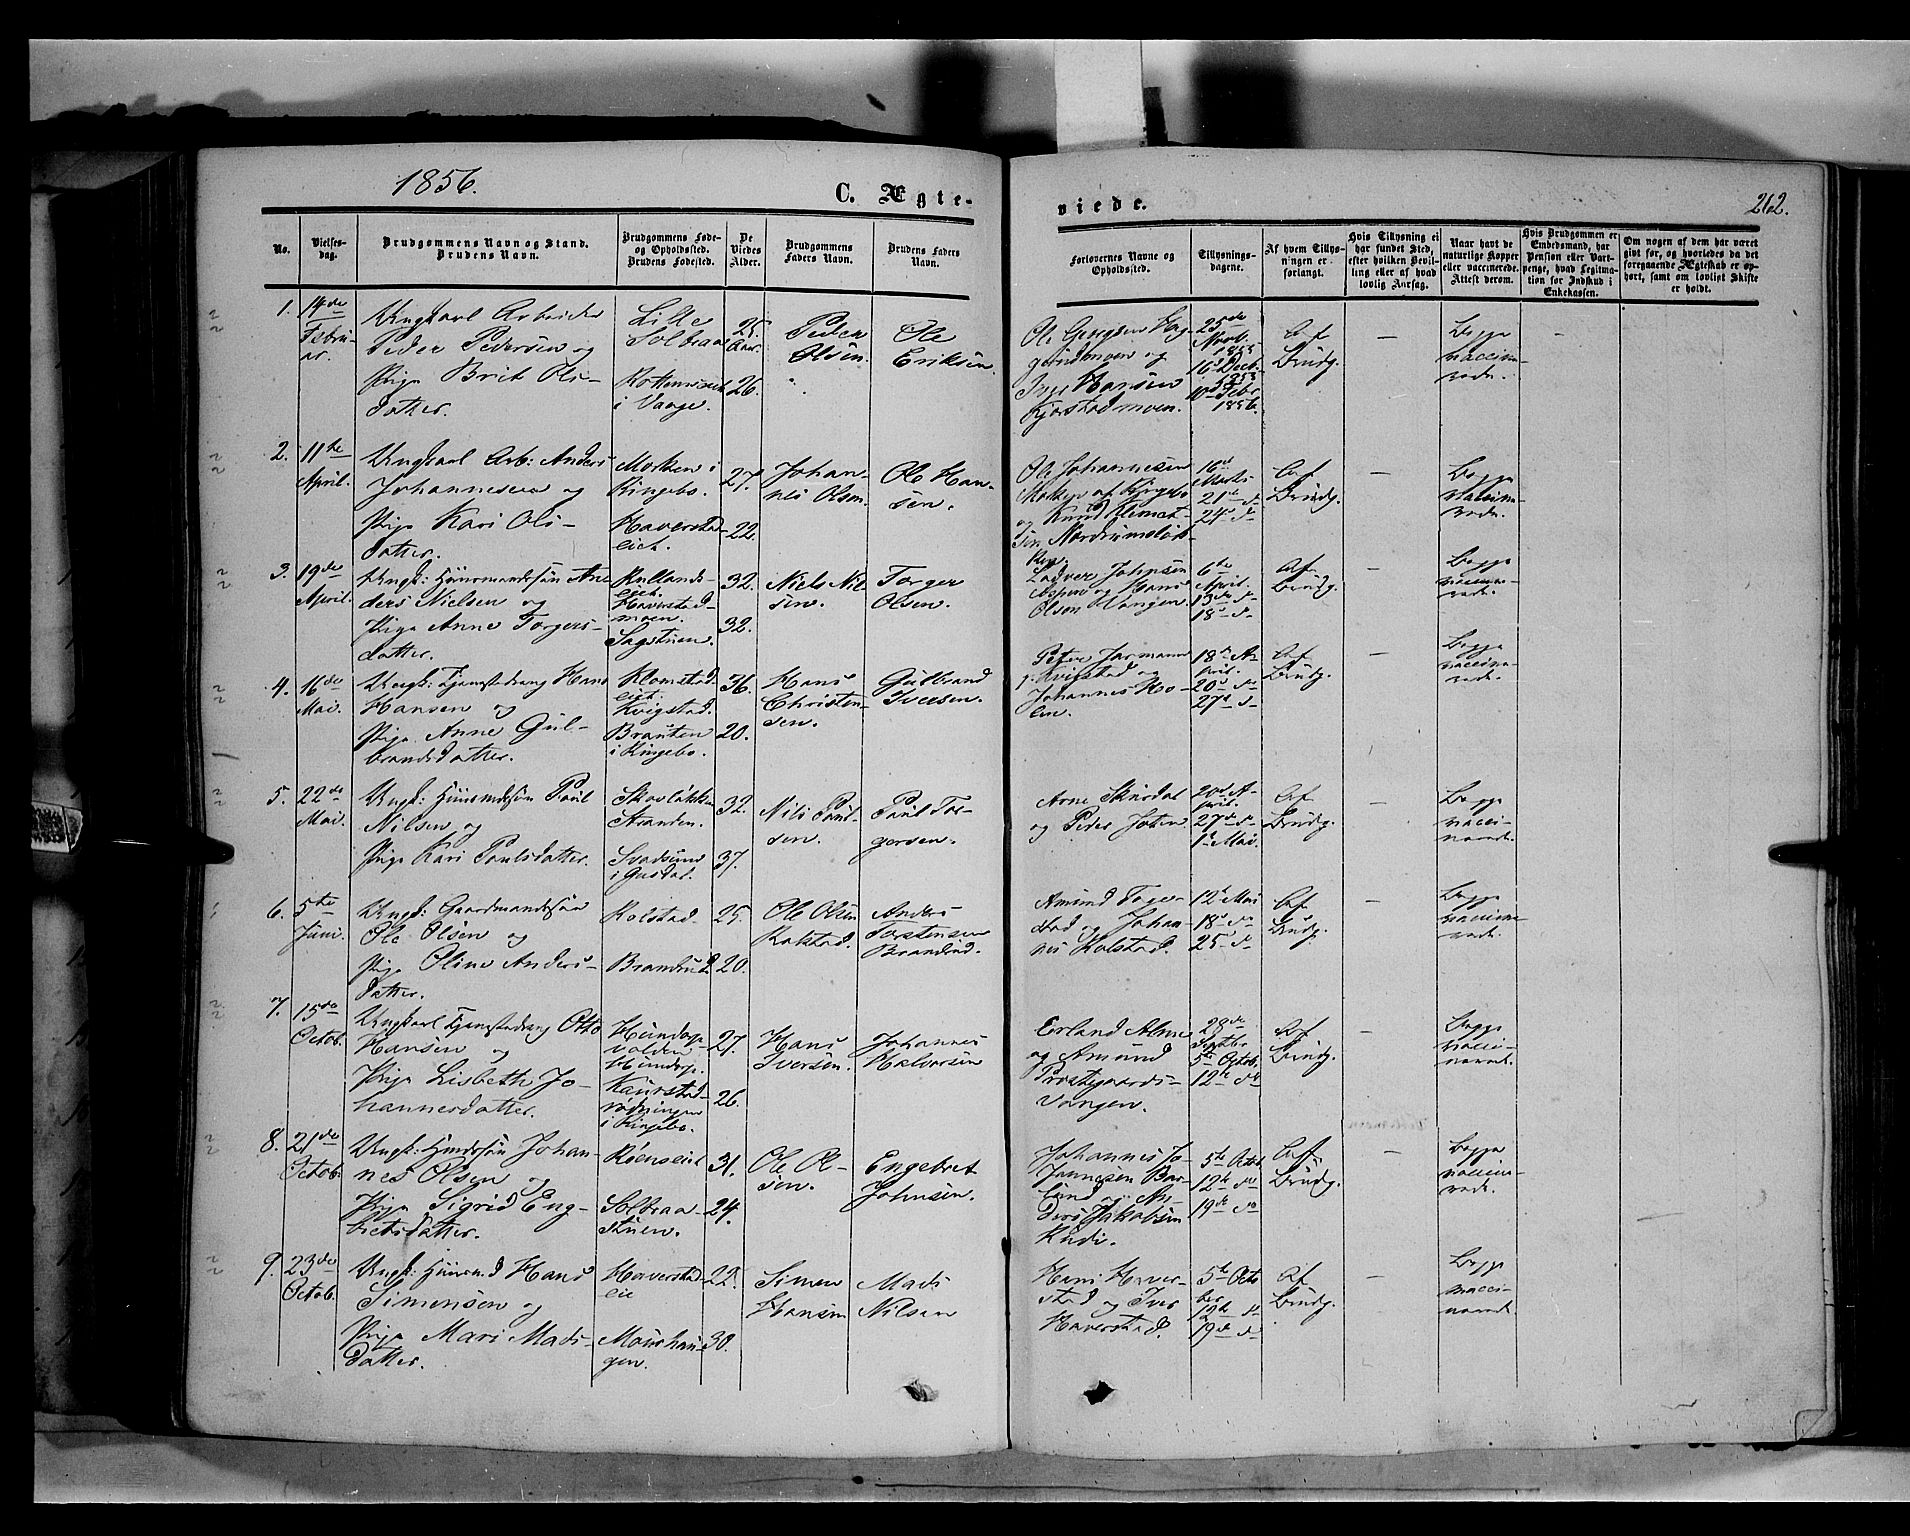 SAH, Sør-Fron prestekontor, H/Ha/Haa/L0001: Ministerialbok nr. 1, 1849-1863, s. 262